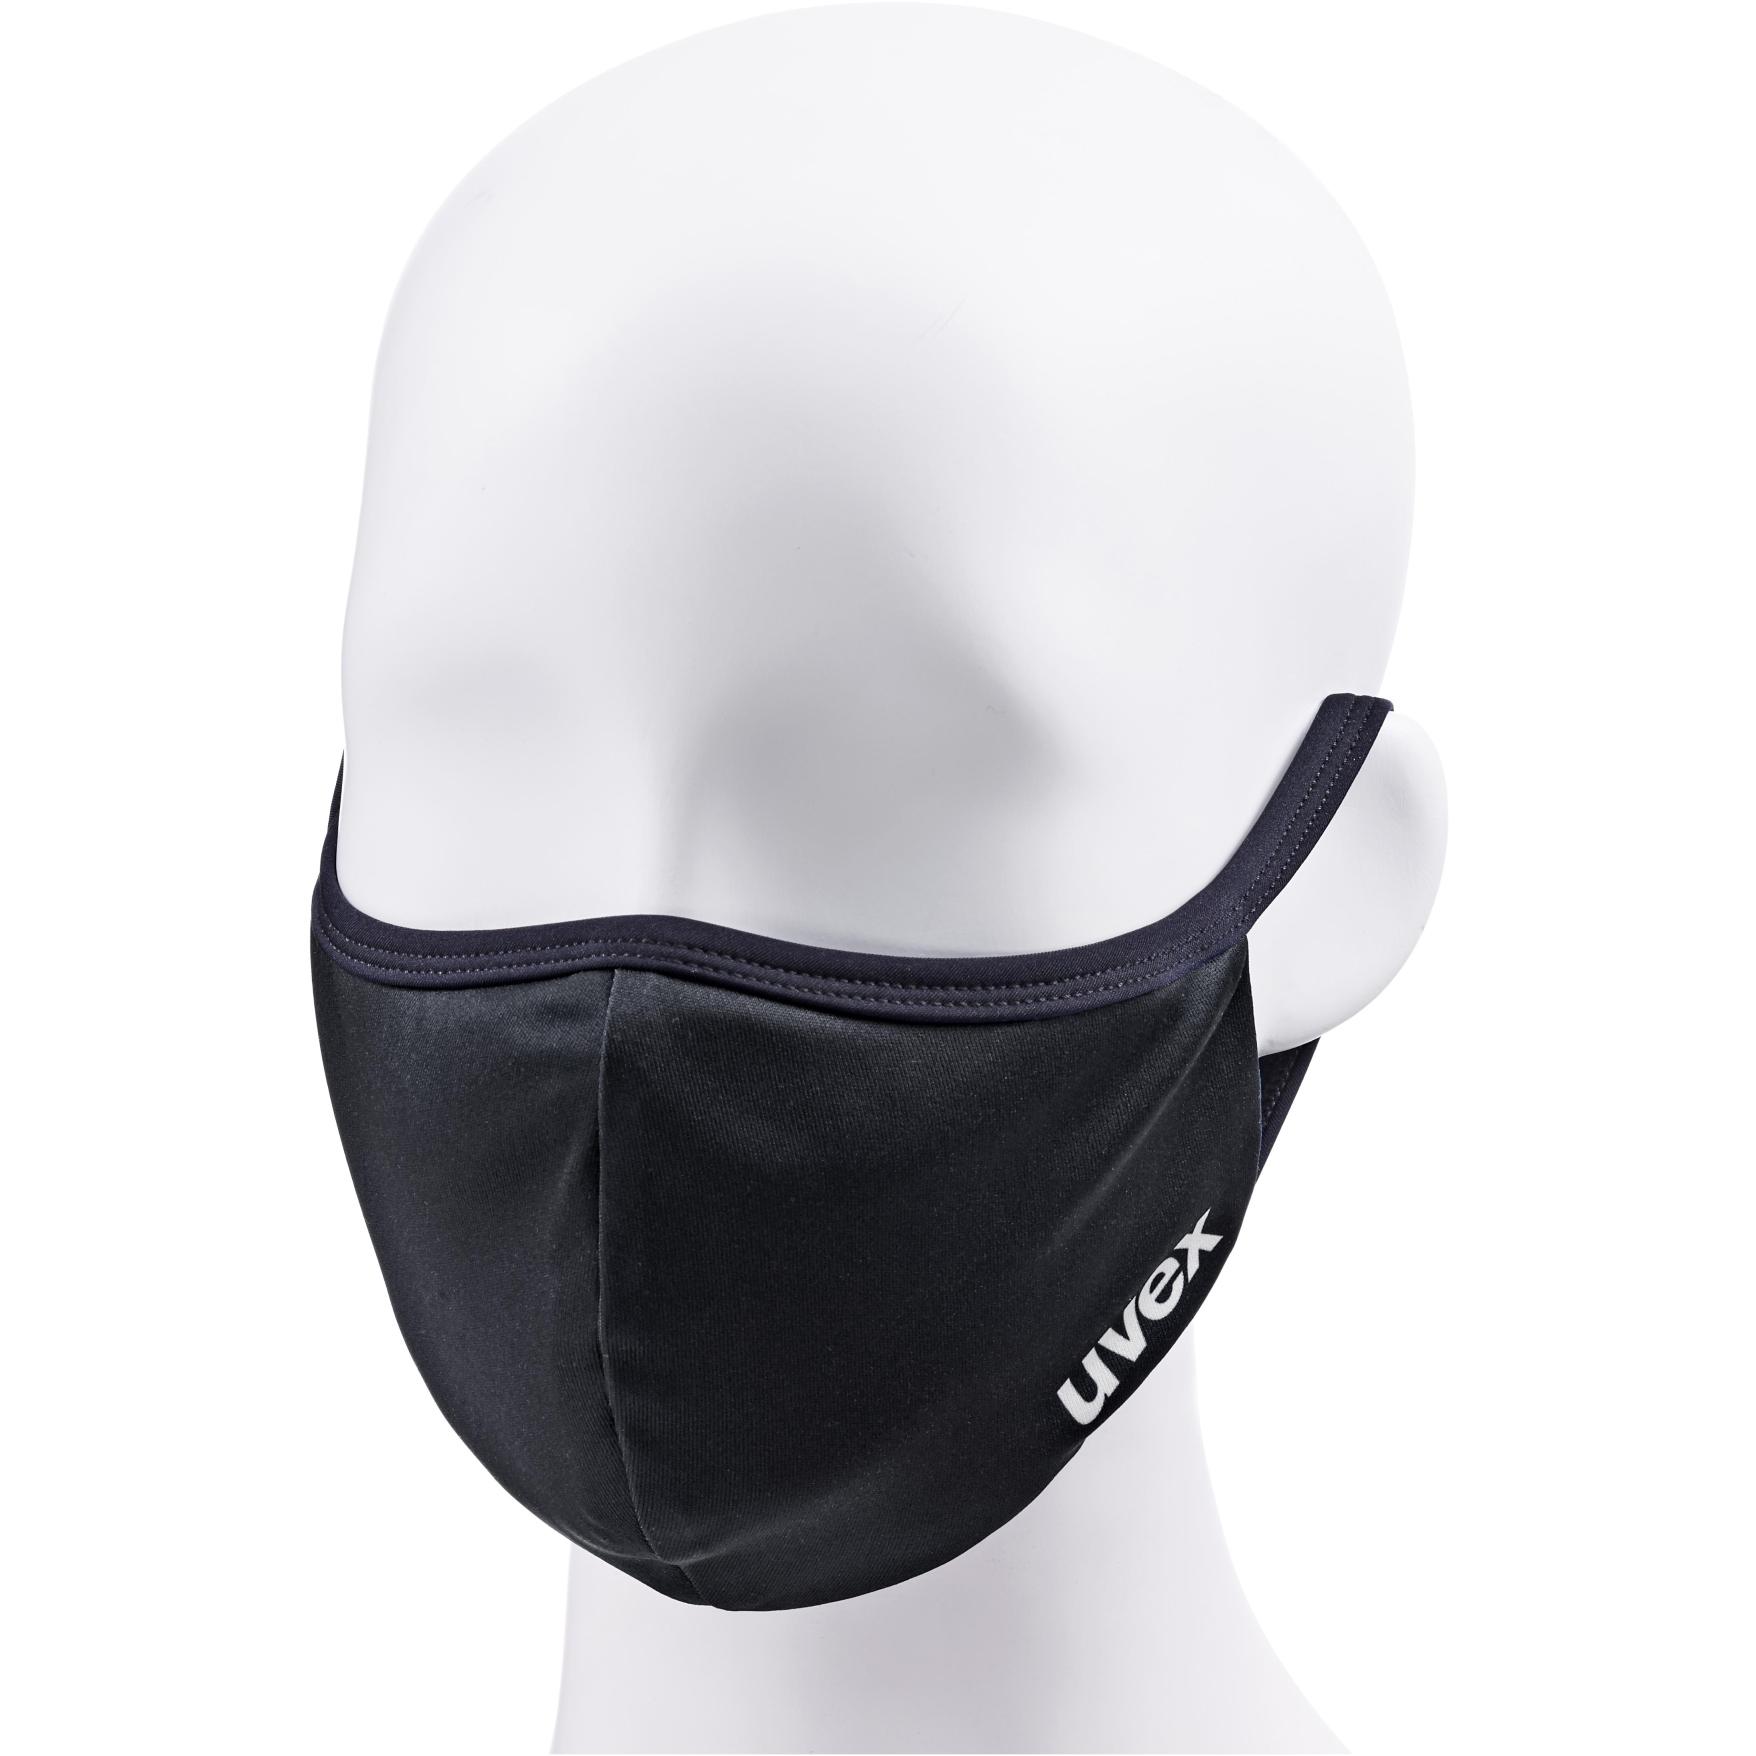 Uvex Face Mask - black